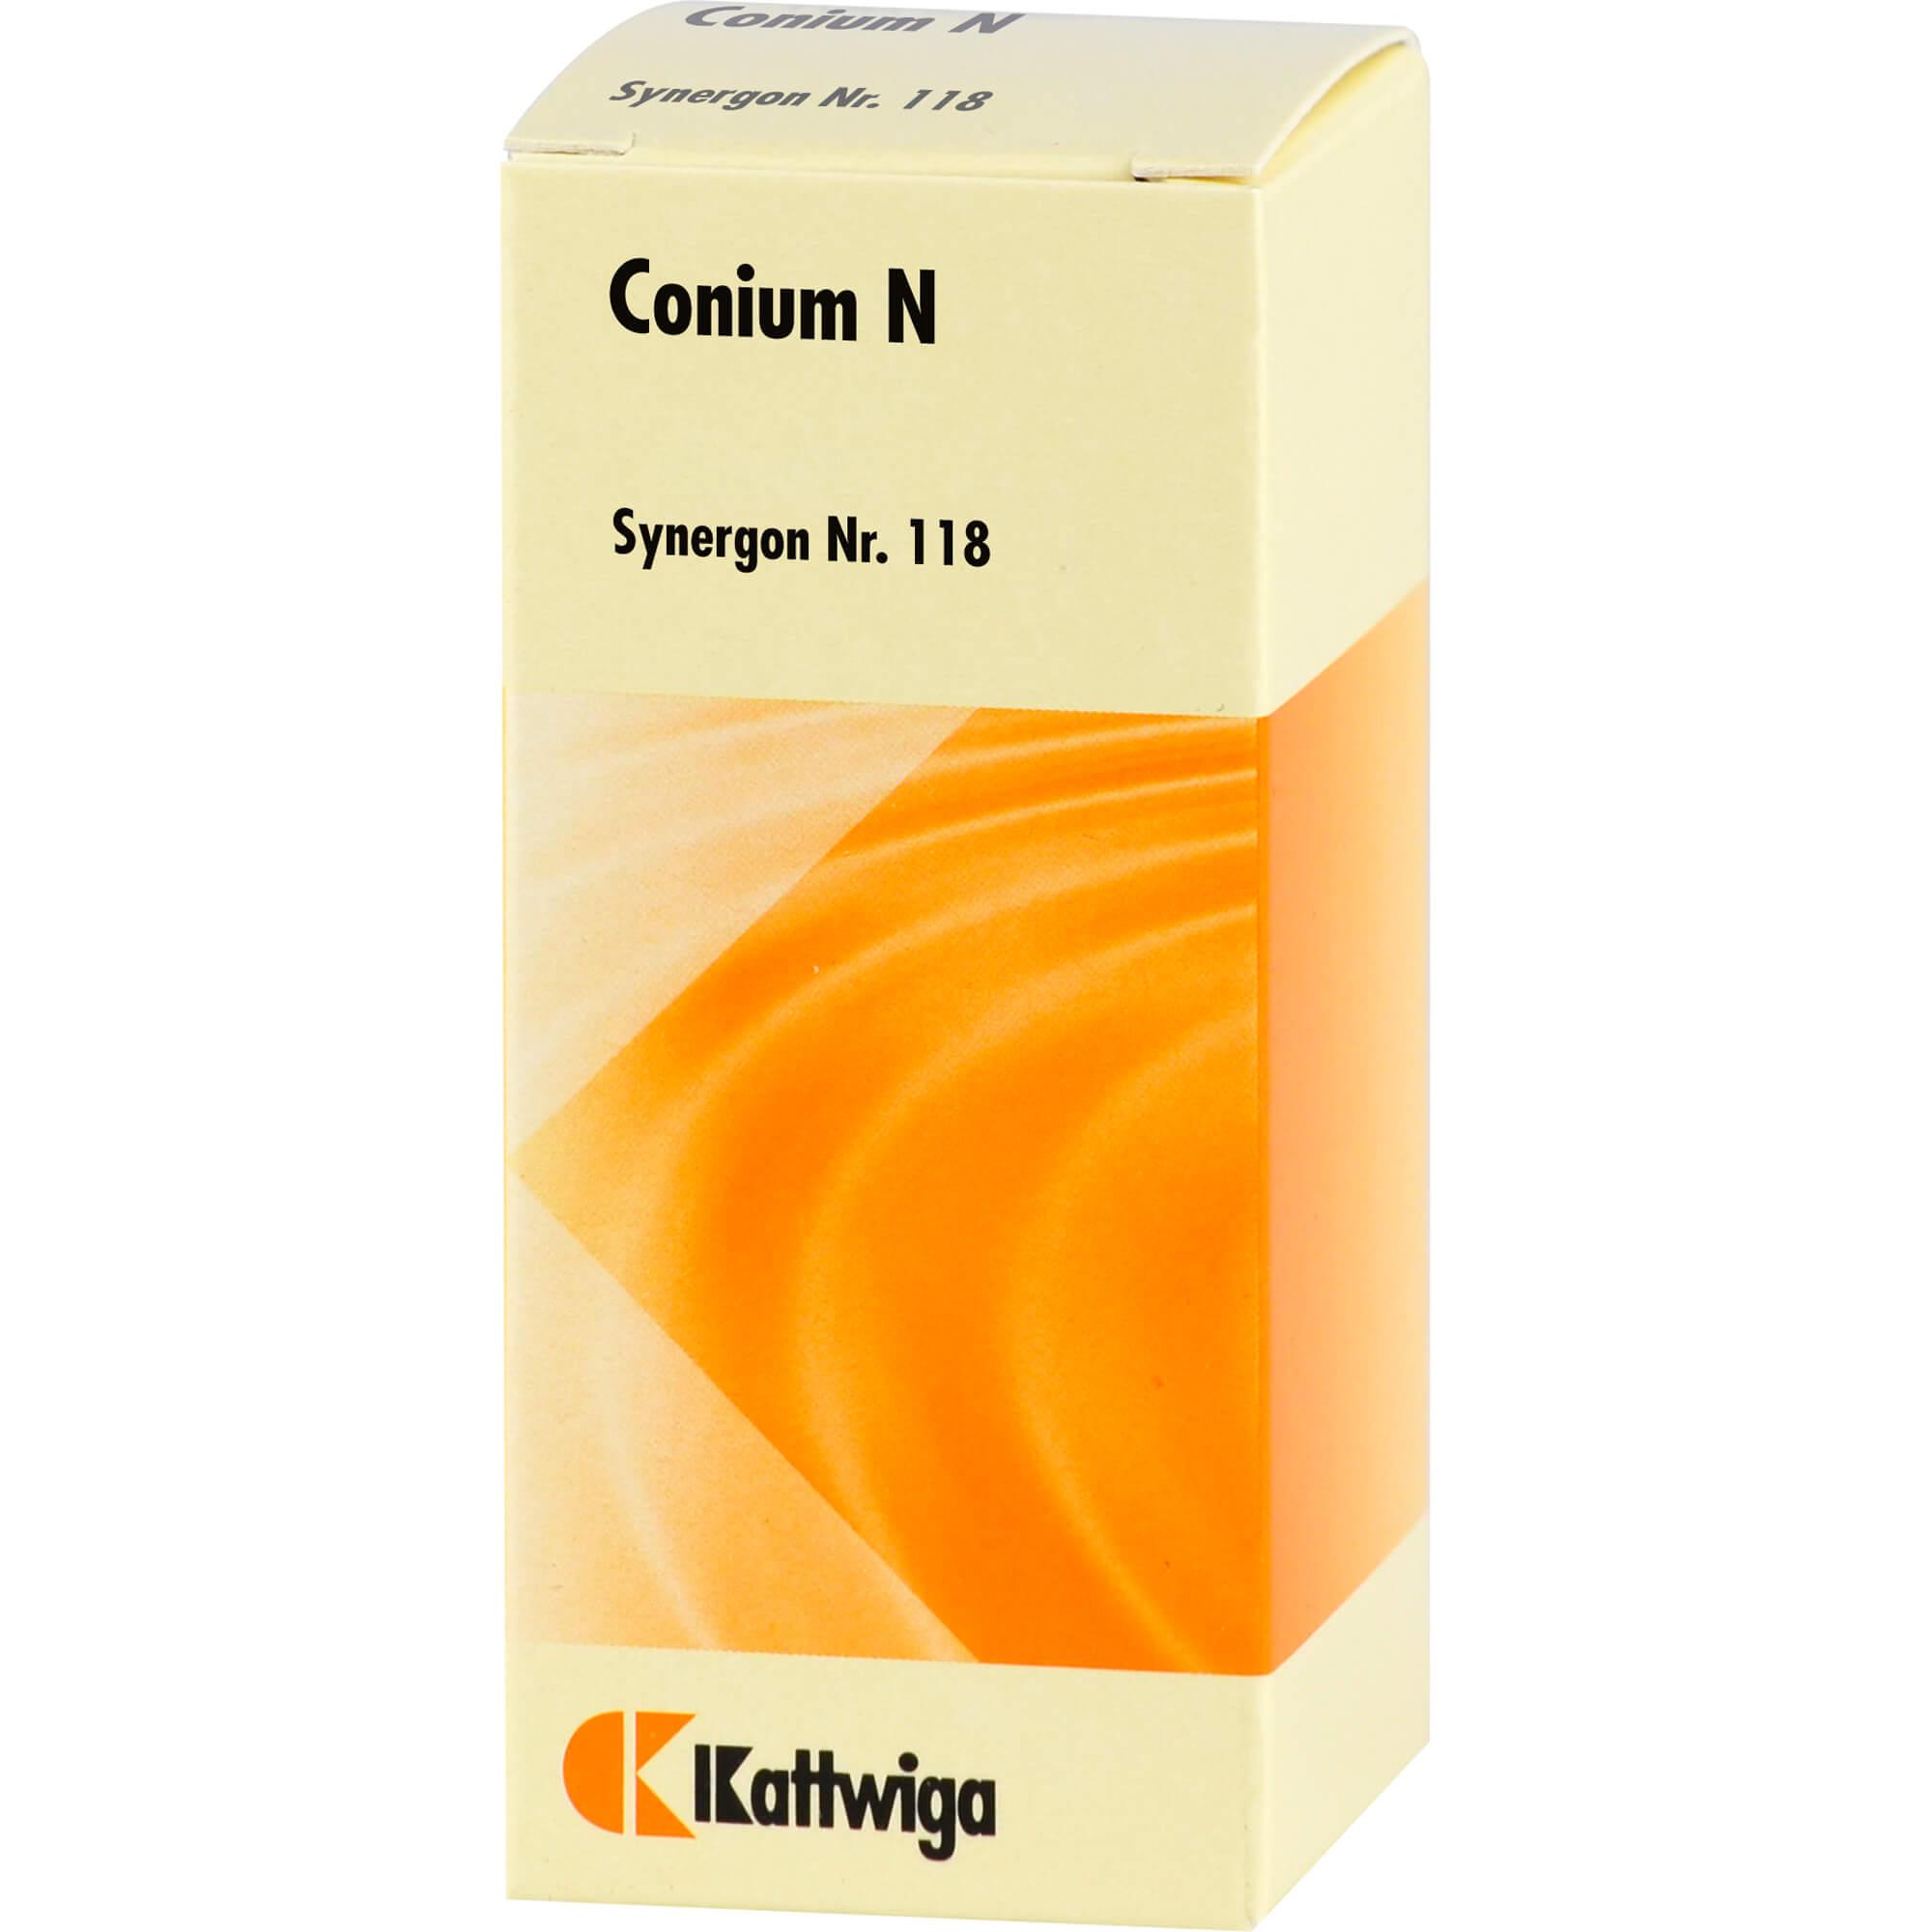 SYNERGON KOMPLEX 118 Conium N Tropfen